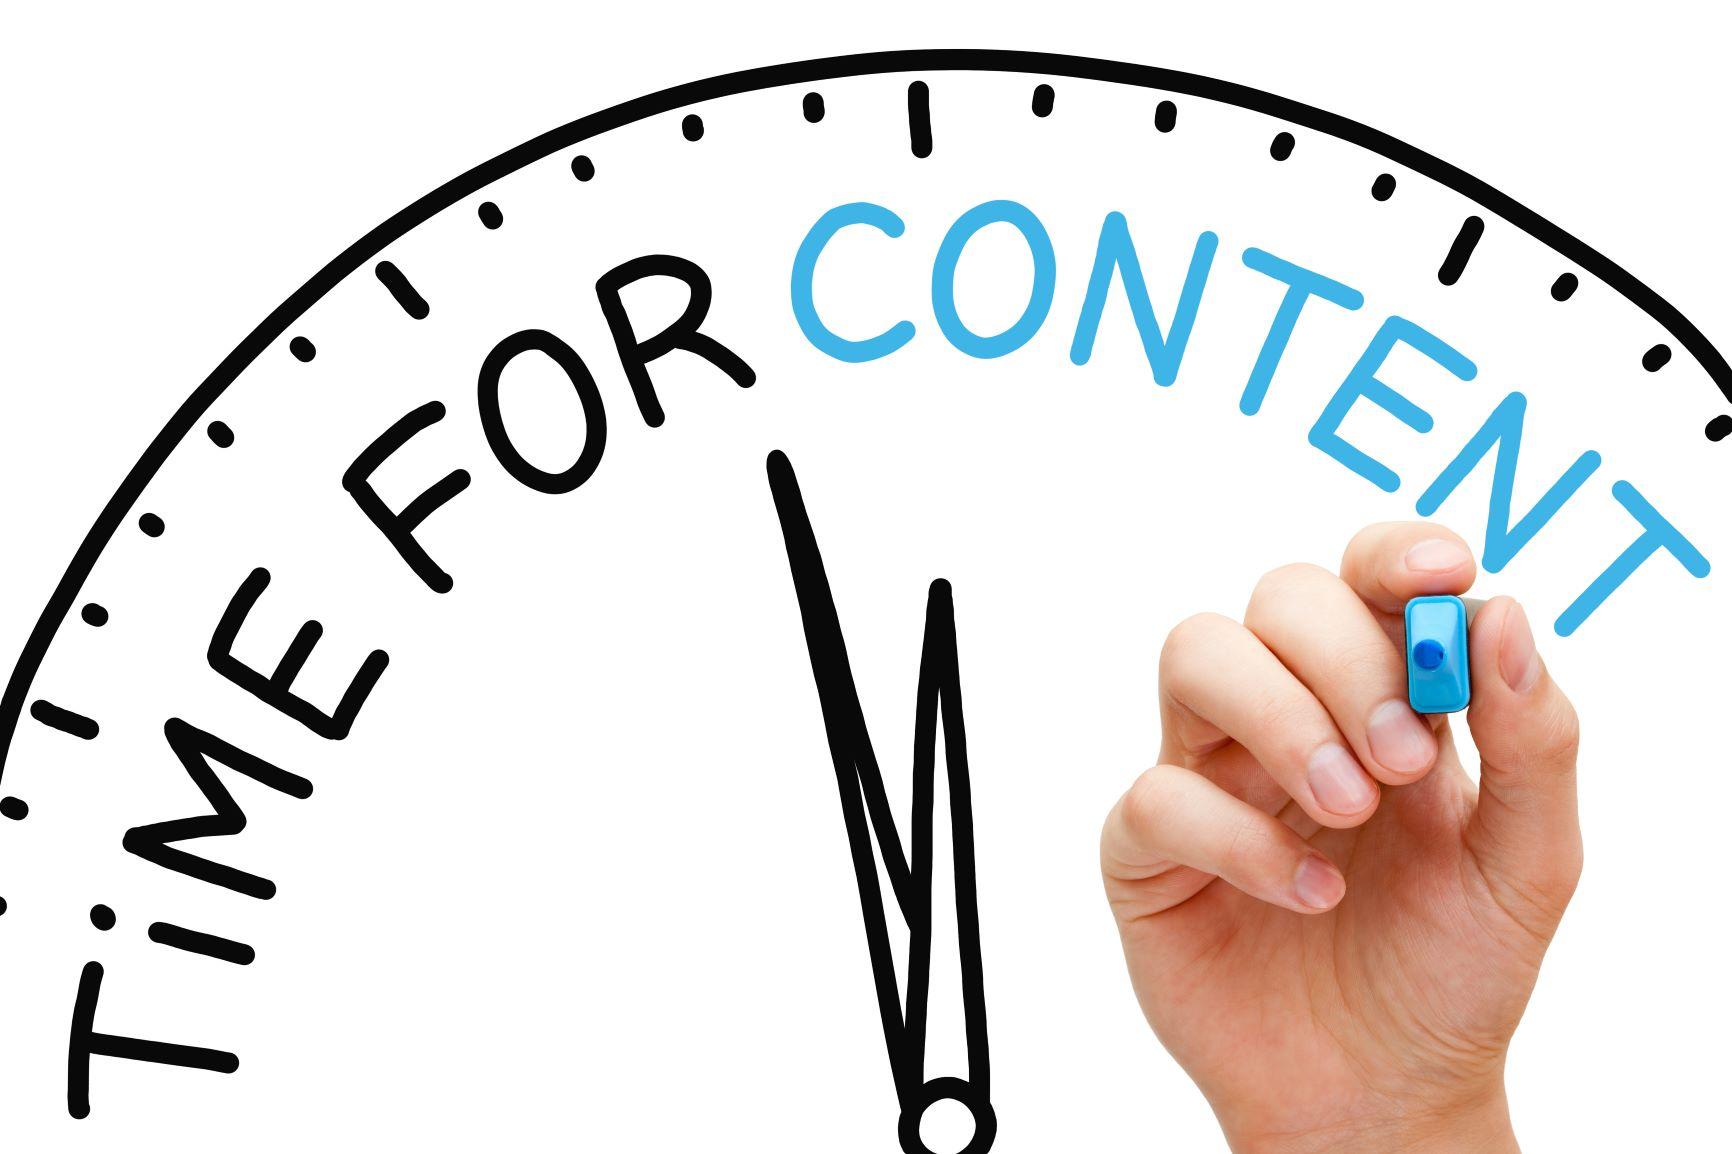 Kunden und Verbraucher möchten vor dem Kauf fundierte Entscheidungen treffen, indem sie Inhalte lesen oder ansehen. Es gibt Situationen, in denen Marken wirklich vom Content-Marketing profitieren.